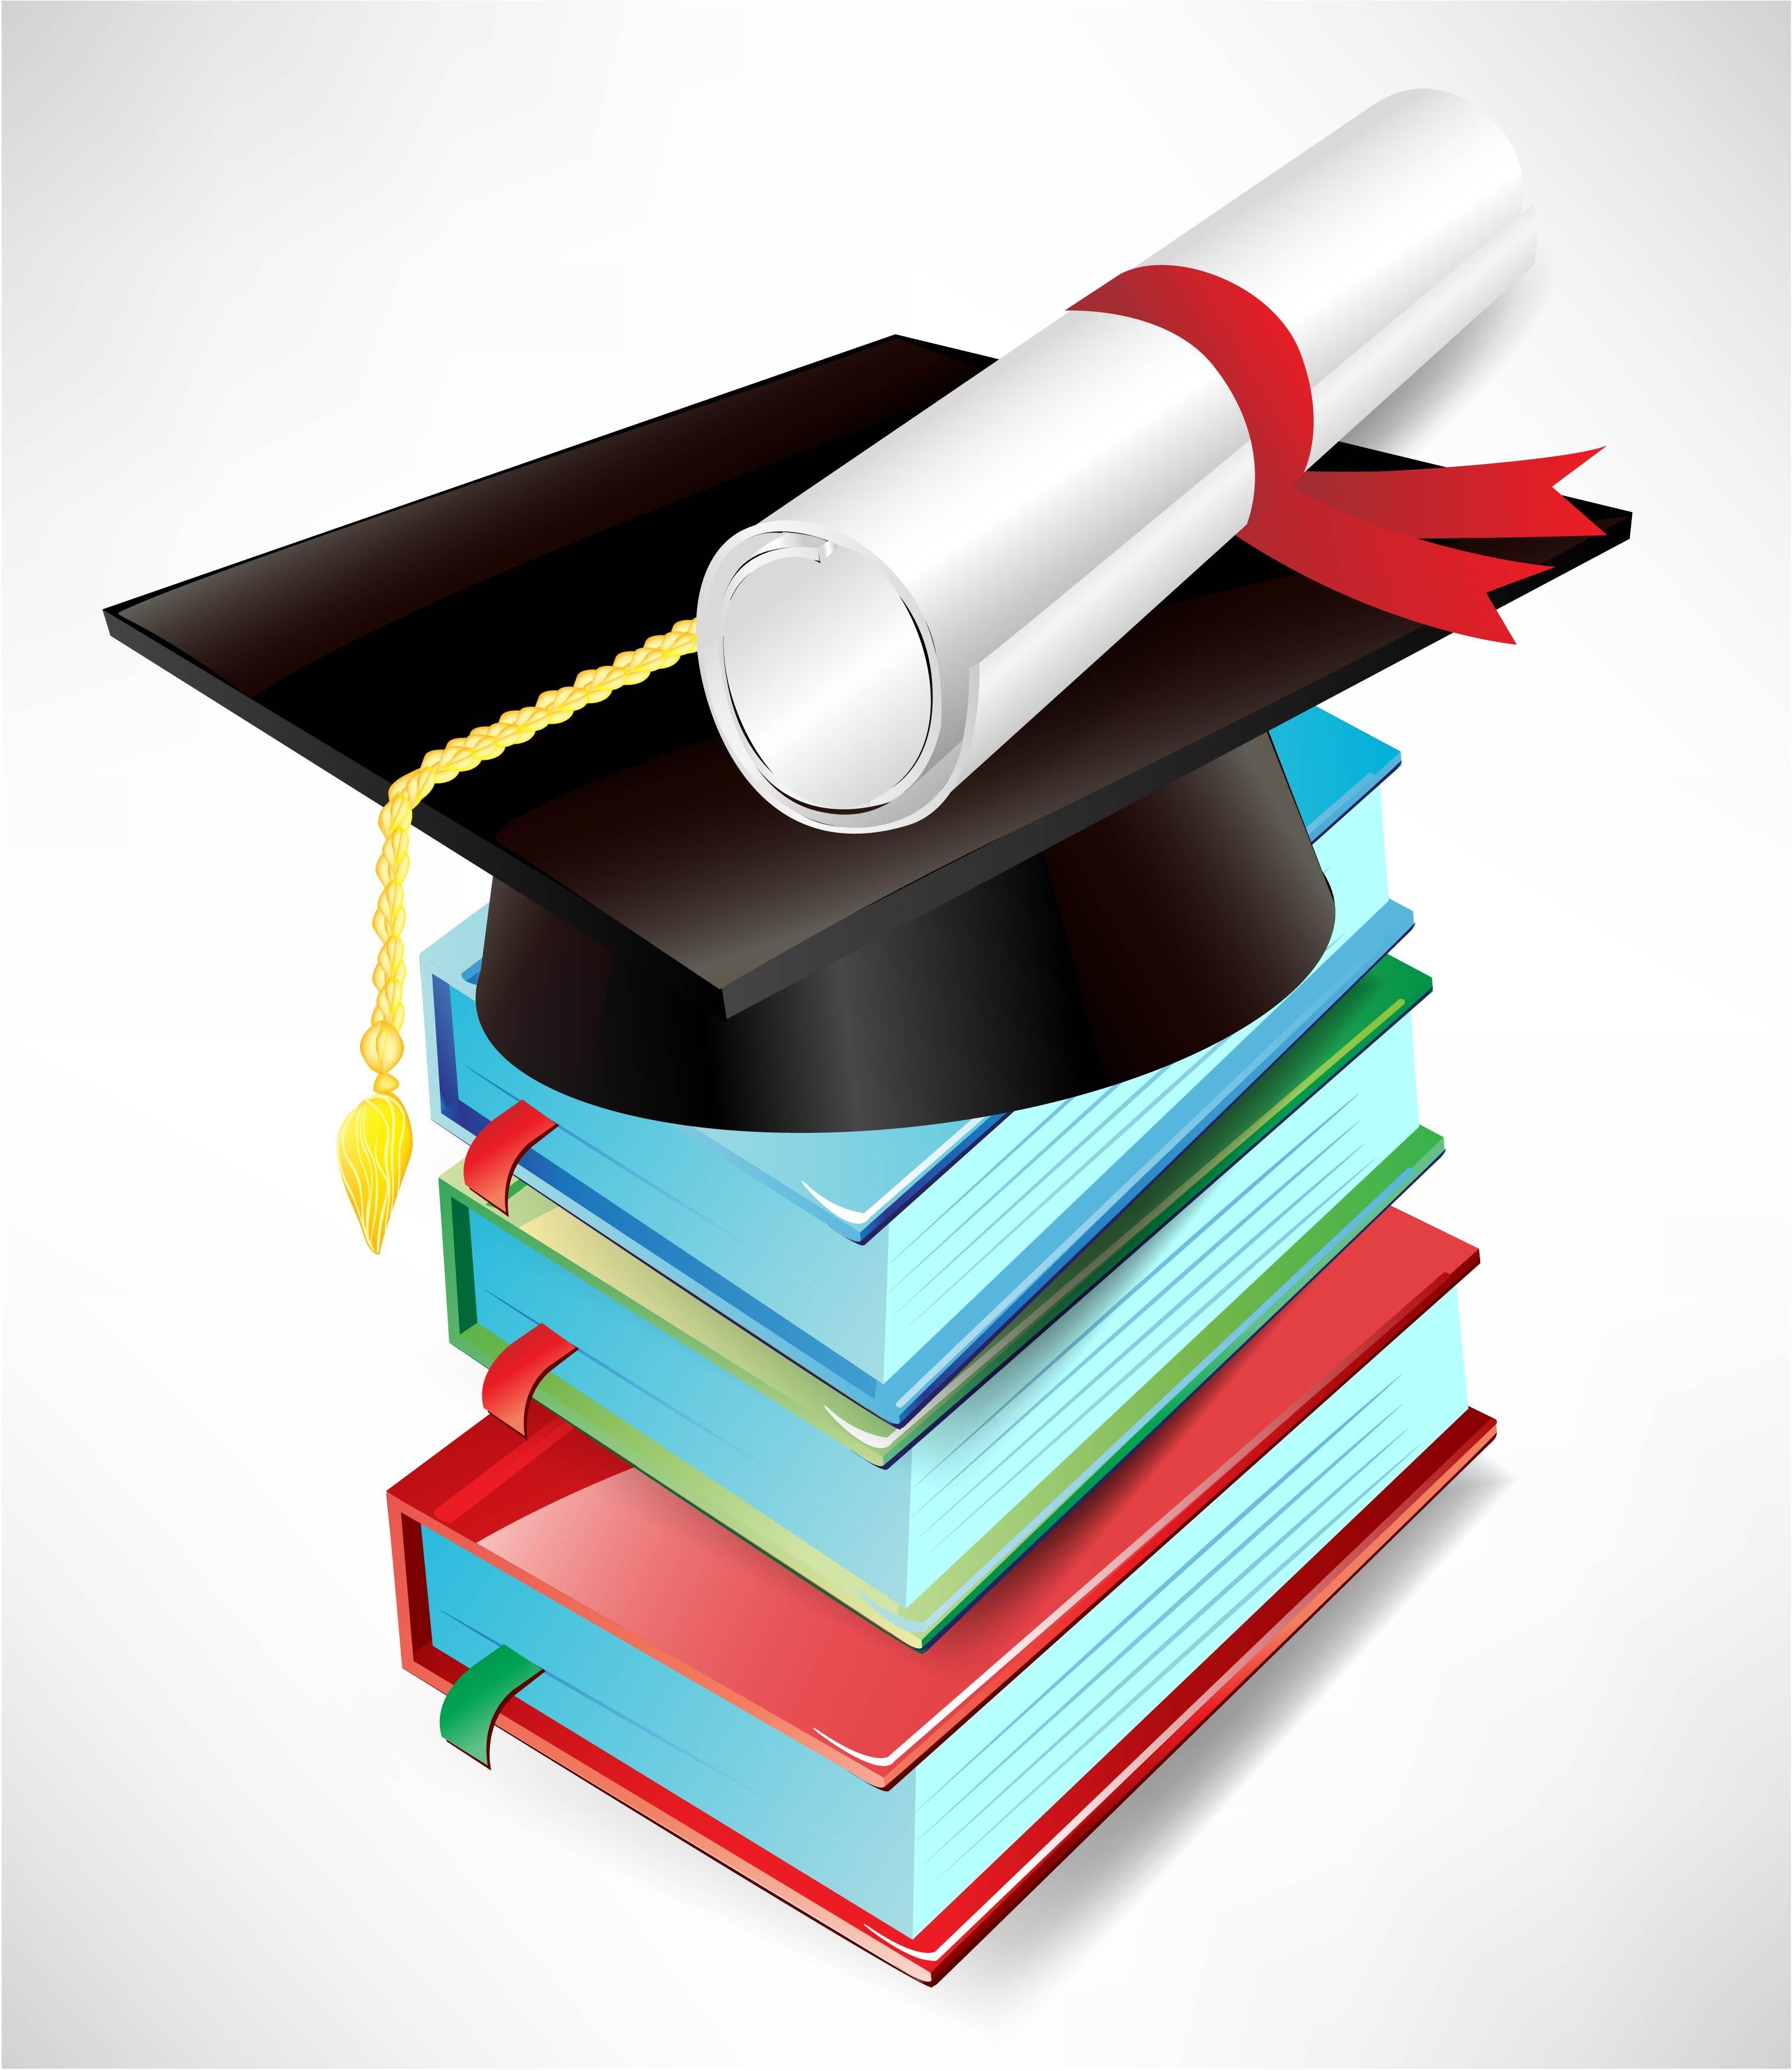 Free Graduation Vectors, Download Free Clip Art, Free Clip.